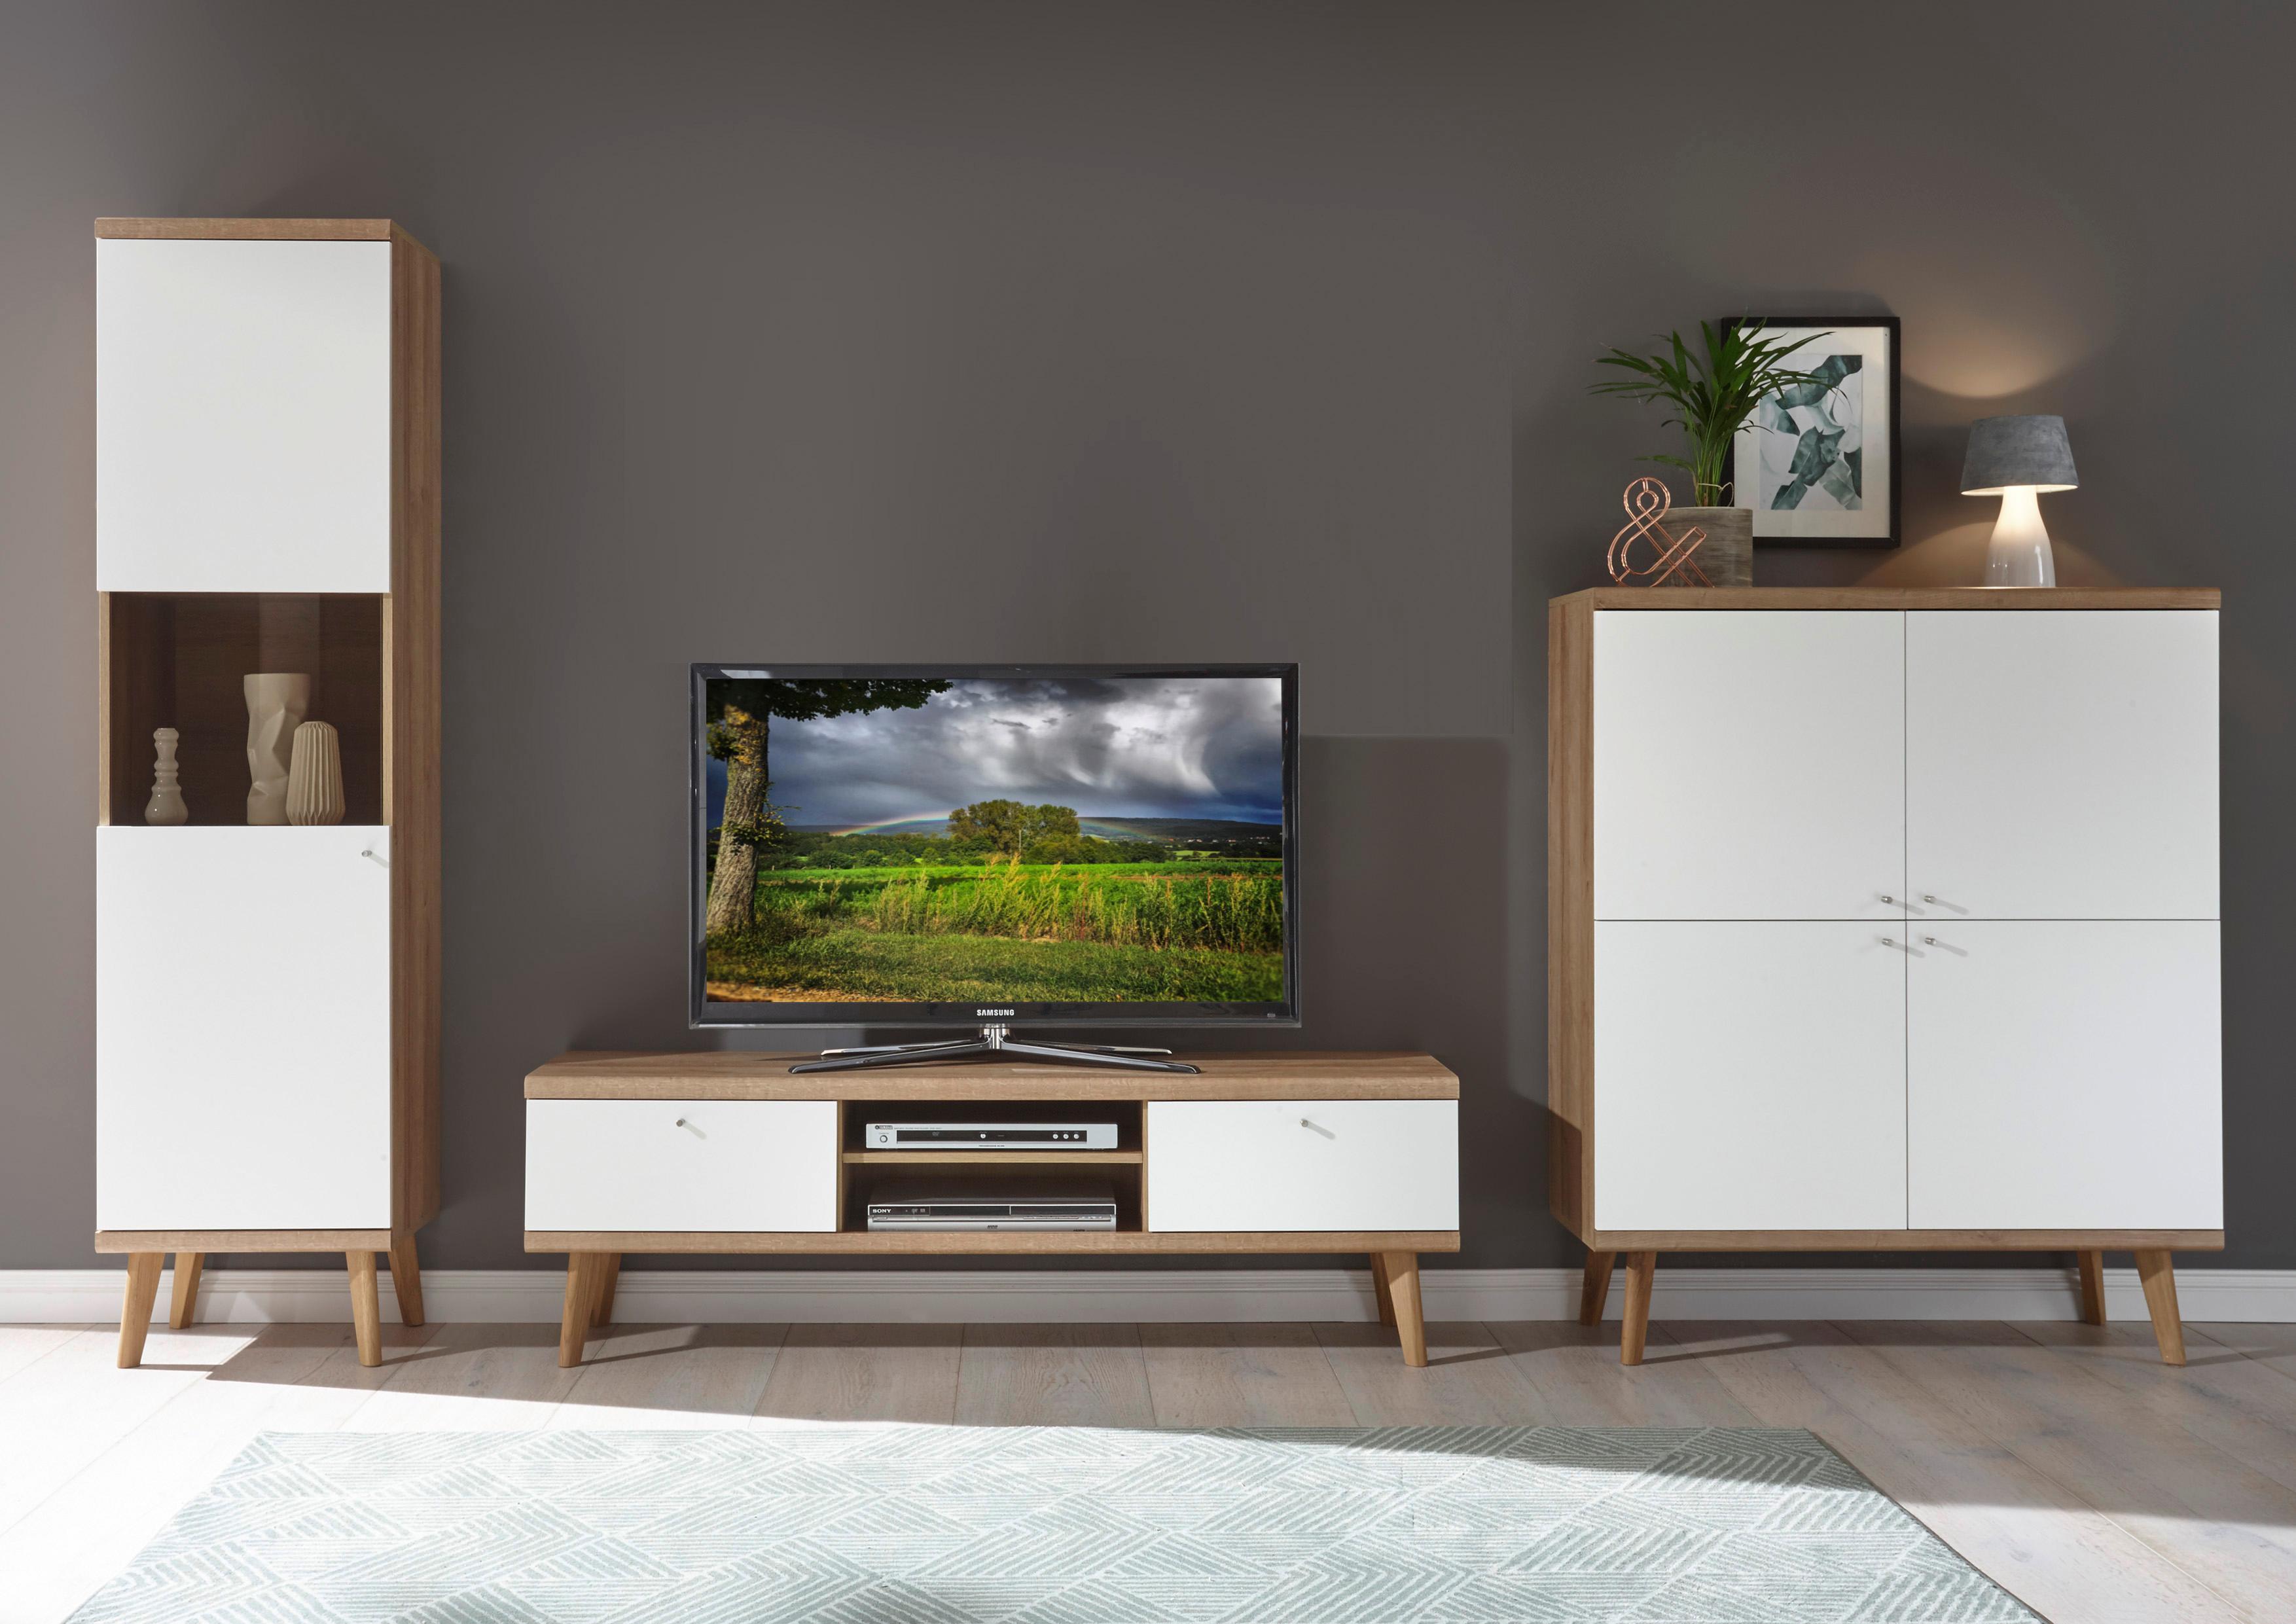 Design Wohnwand Preisvergleich Die Besten Angebote